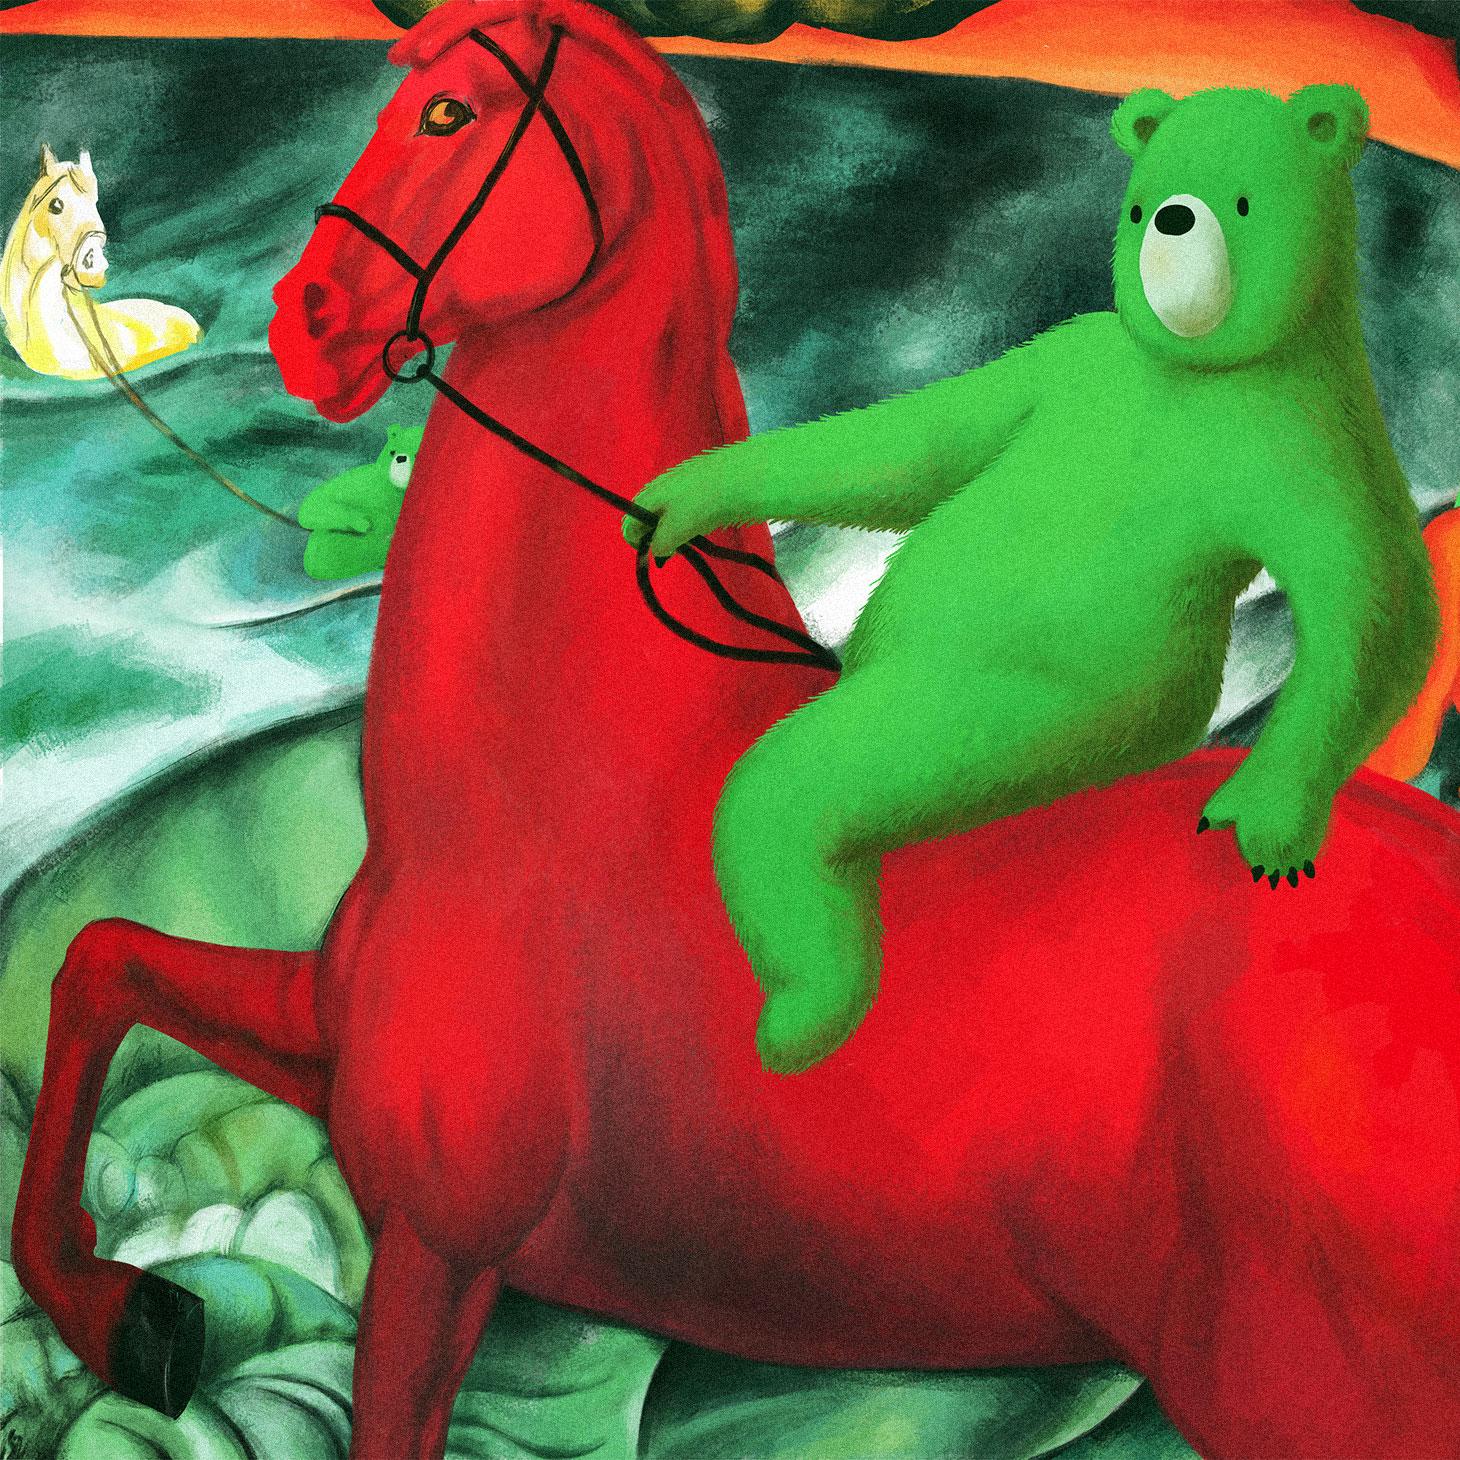 Kuzma Petrov-Vodkin. Het baden van een rood paard